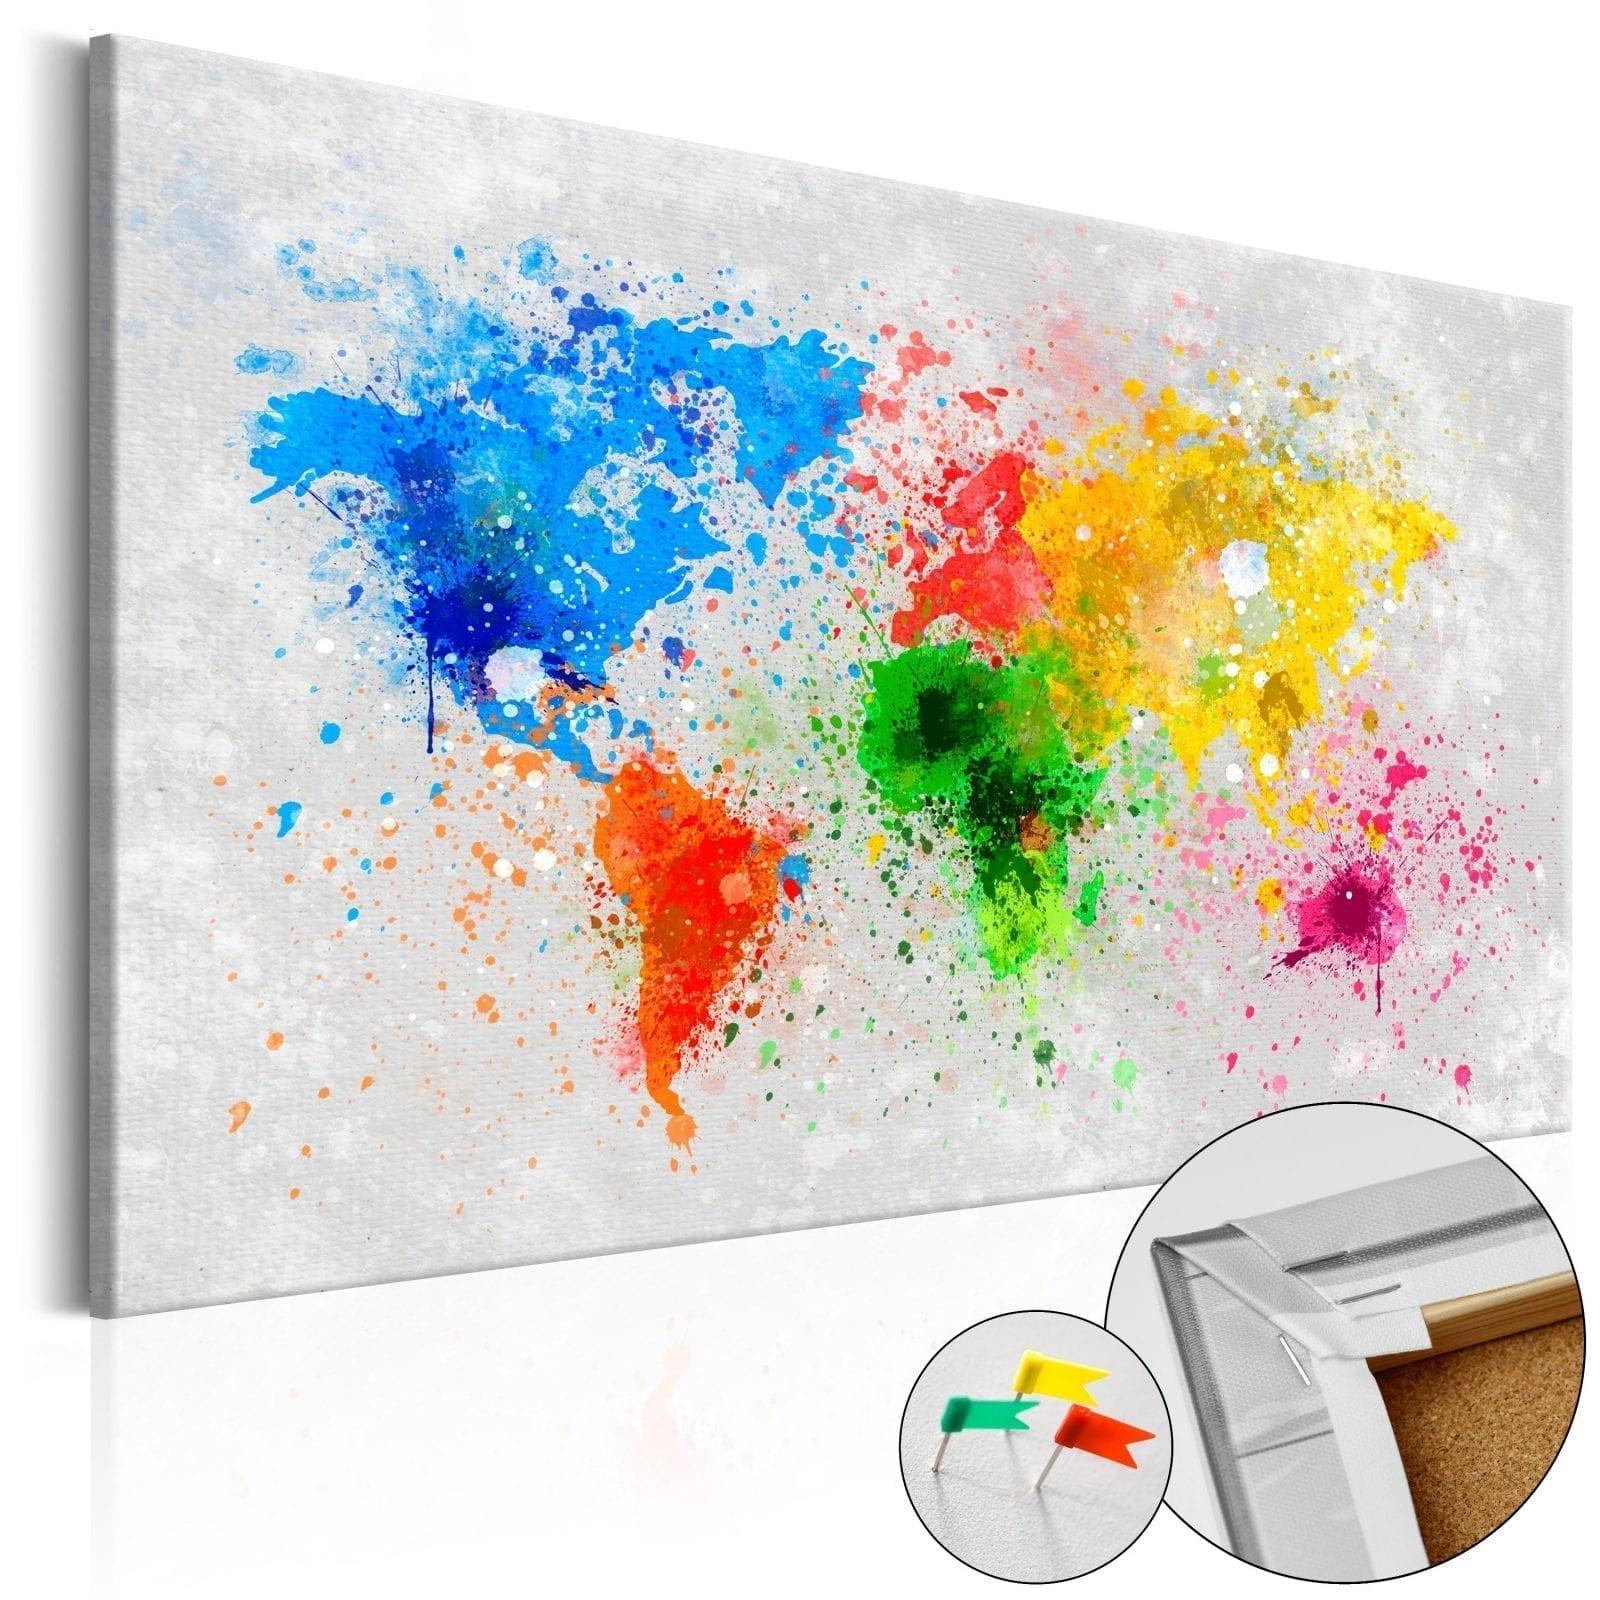 Tablero de corcho - Expresionismo mundial 1 | Potspintura.com